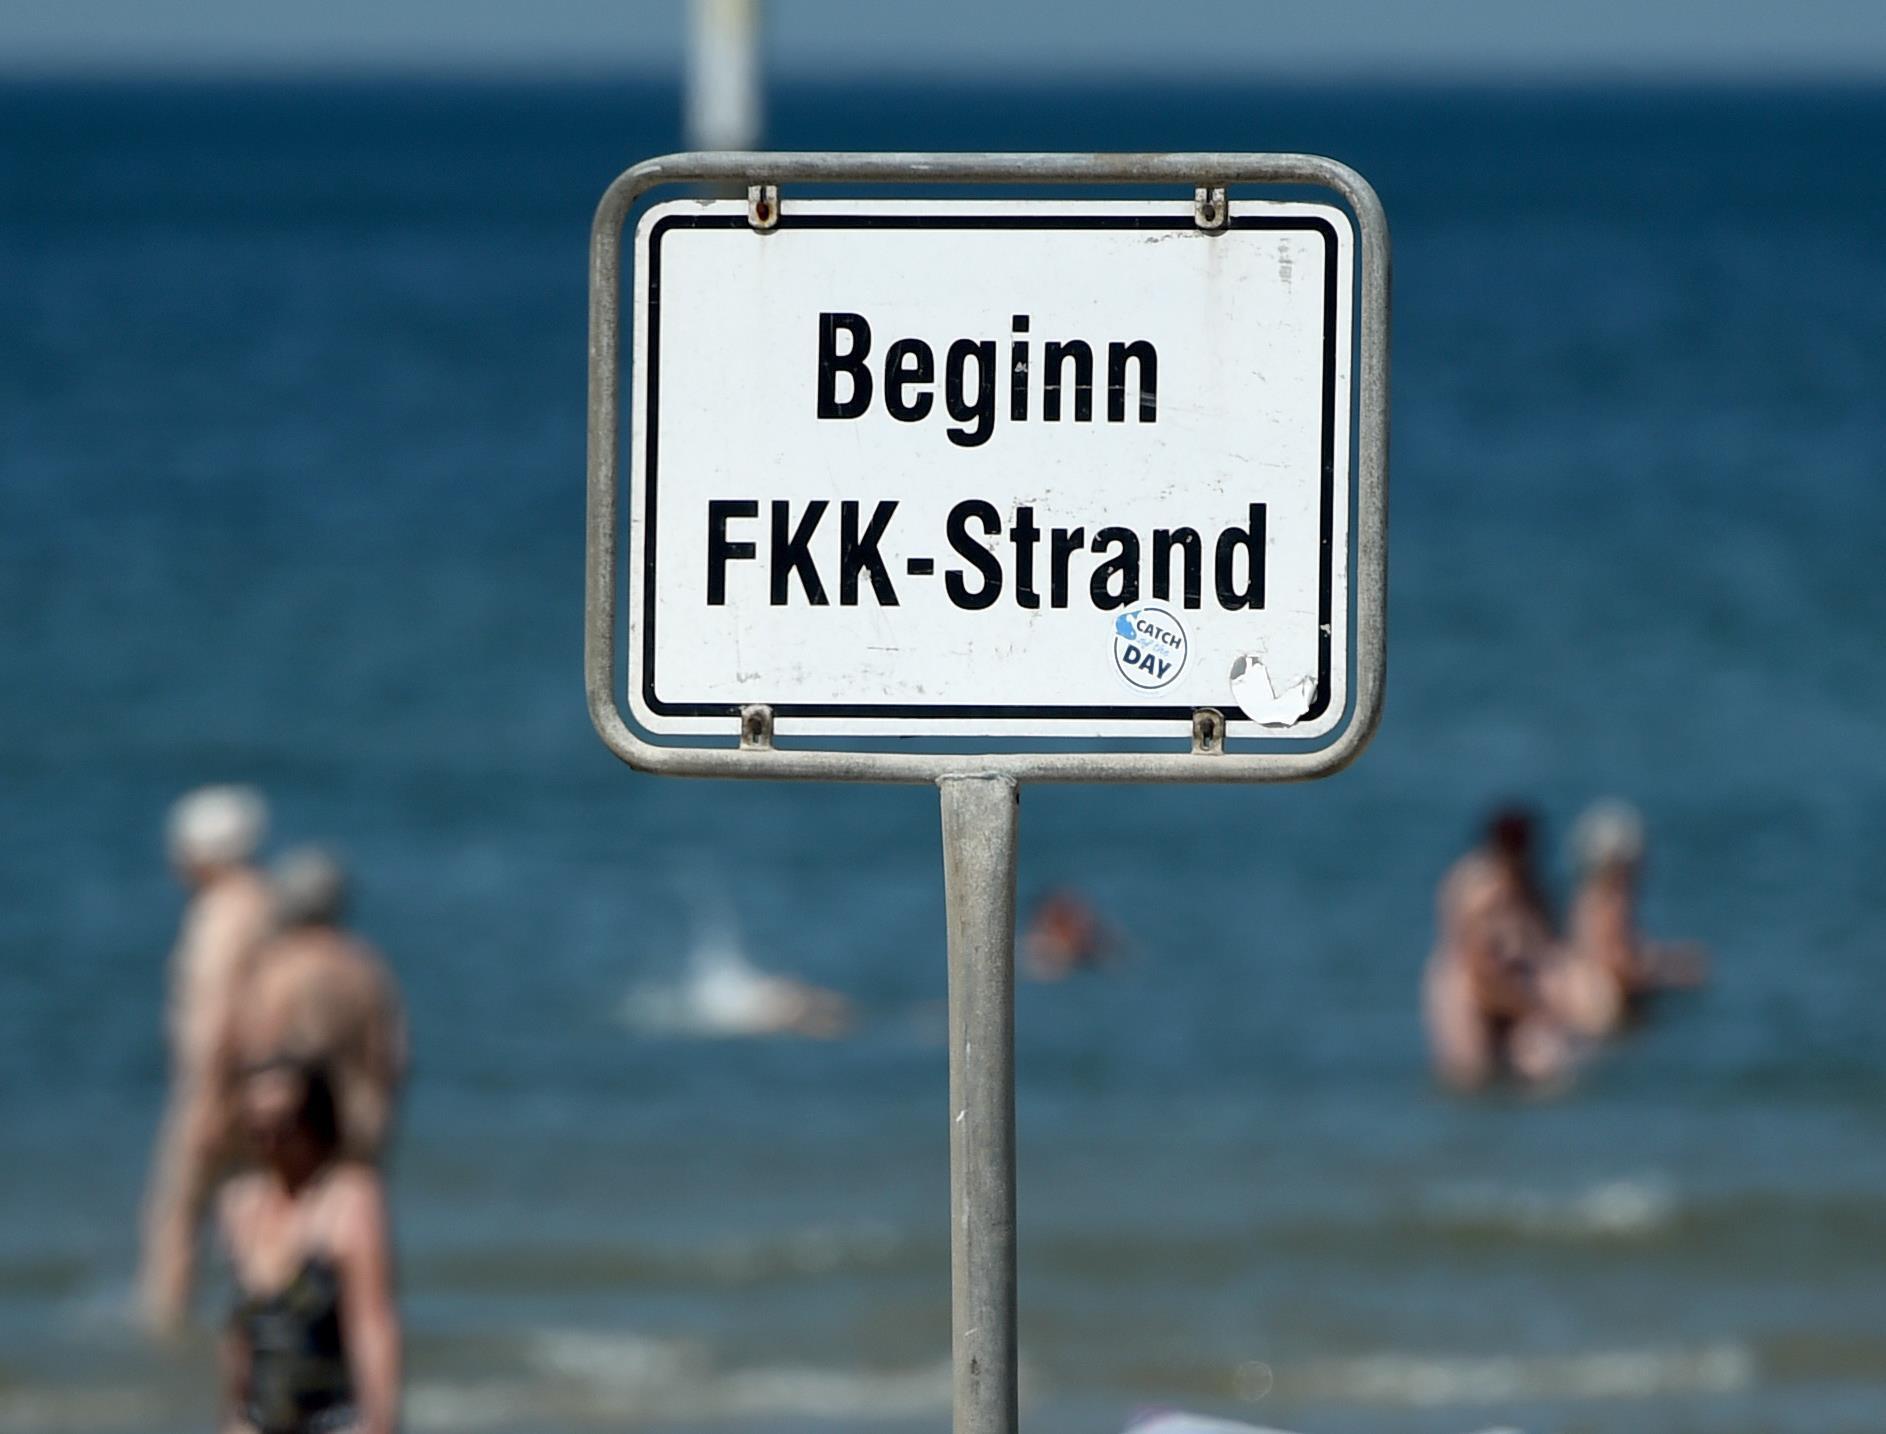 Frei fkk nackt FKK Bilder